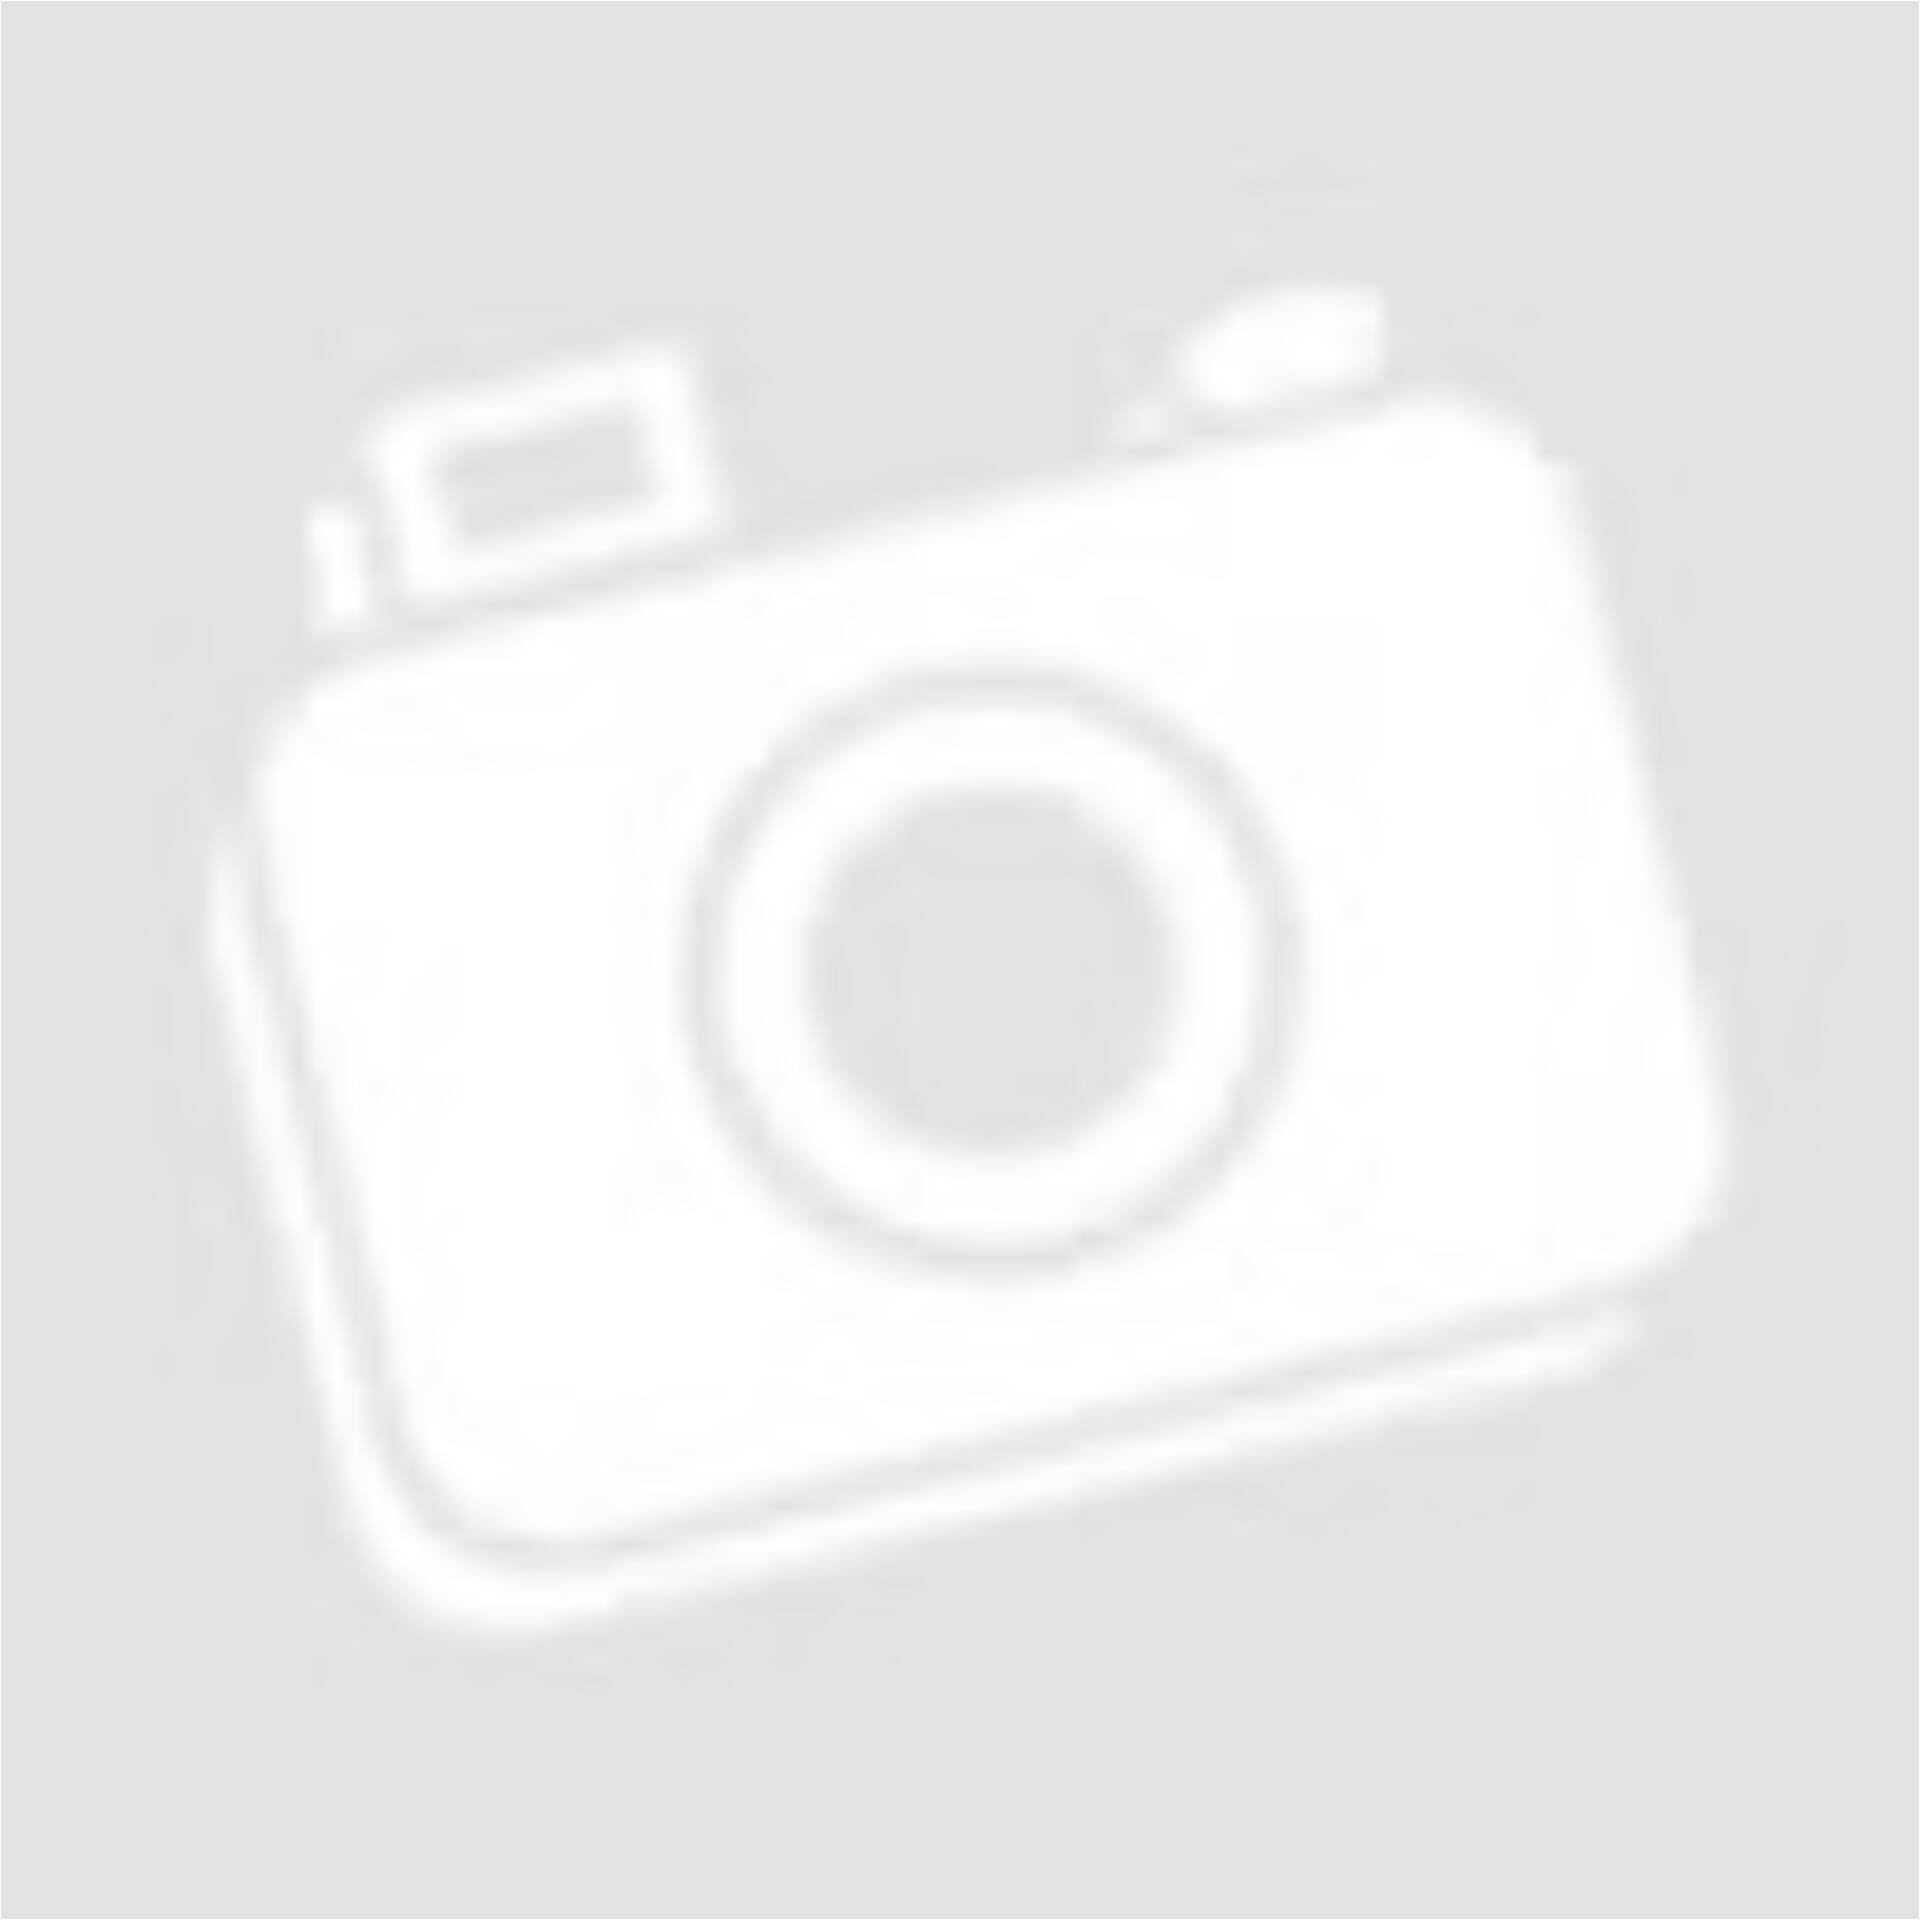 93f58b0690 ATMOSPHERE fekete műbőr nadrág (Méret: M) - Pamut, szövetnadrág ...